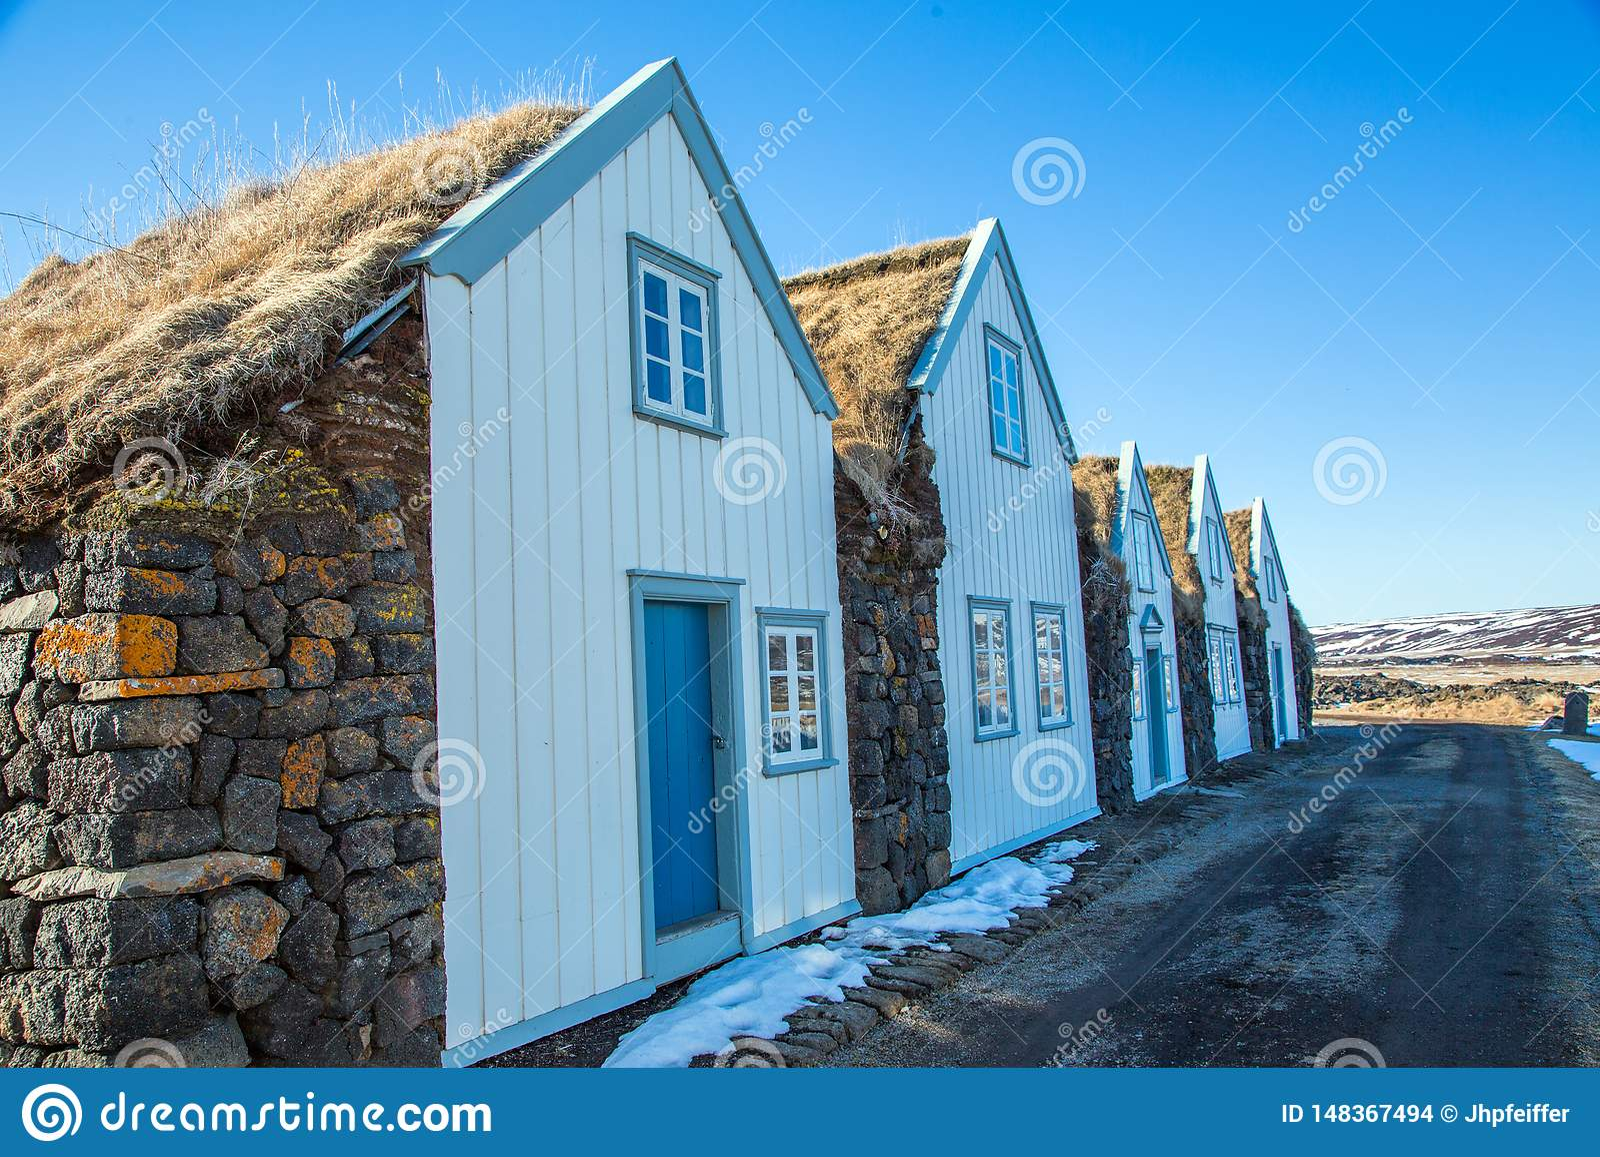 Grasdachhütten mit weißer Front